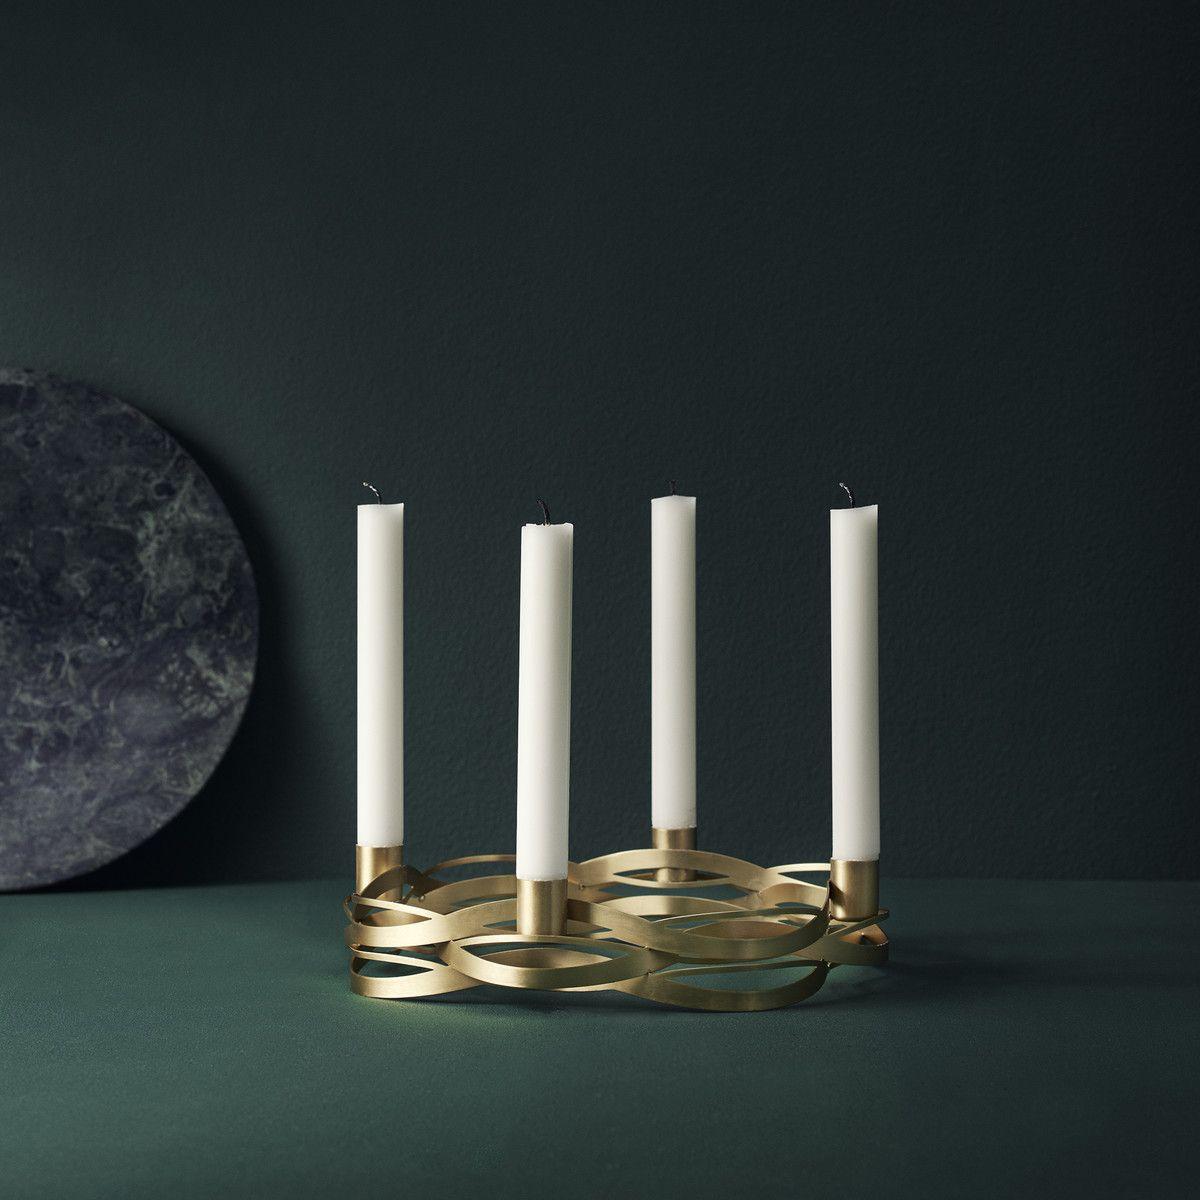 tangle advent kerzenhalter von stelton kaufen gem tlichkeit kerzenhalter und kupfer. Black Bedroom Furniture Sets. Home Design Ideas